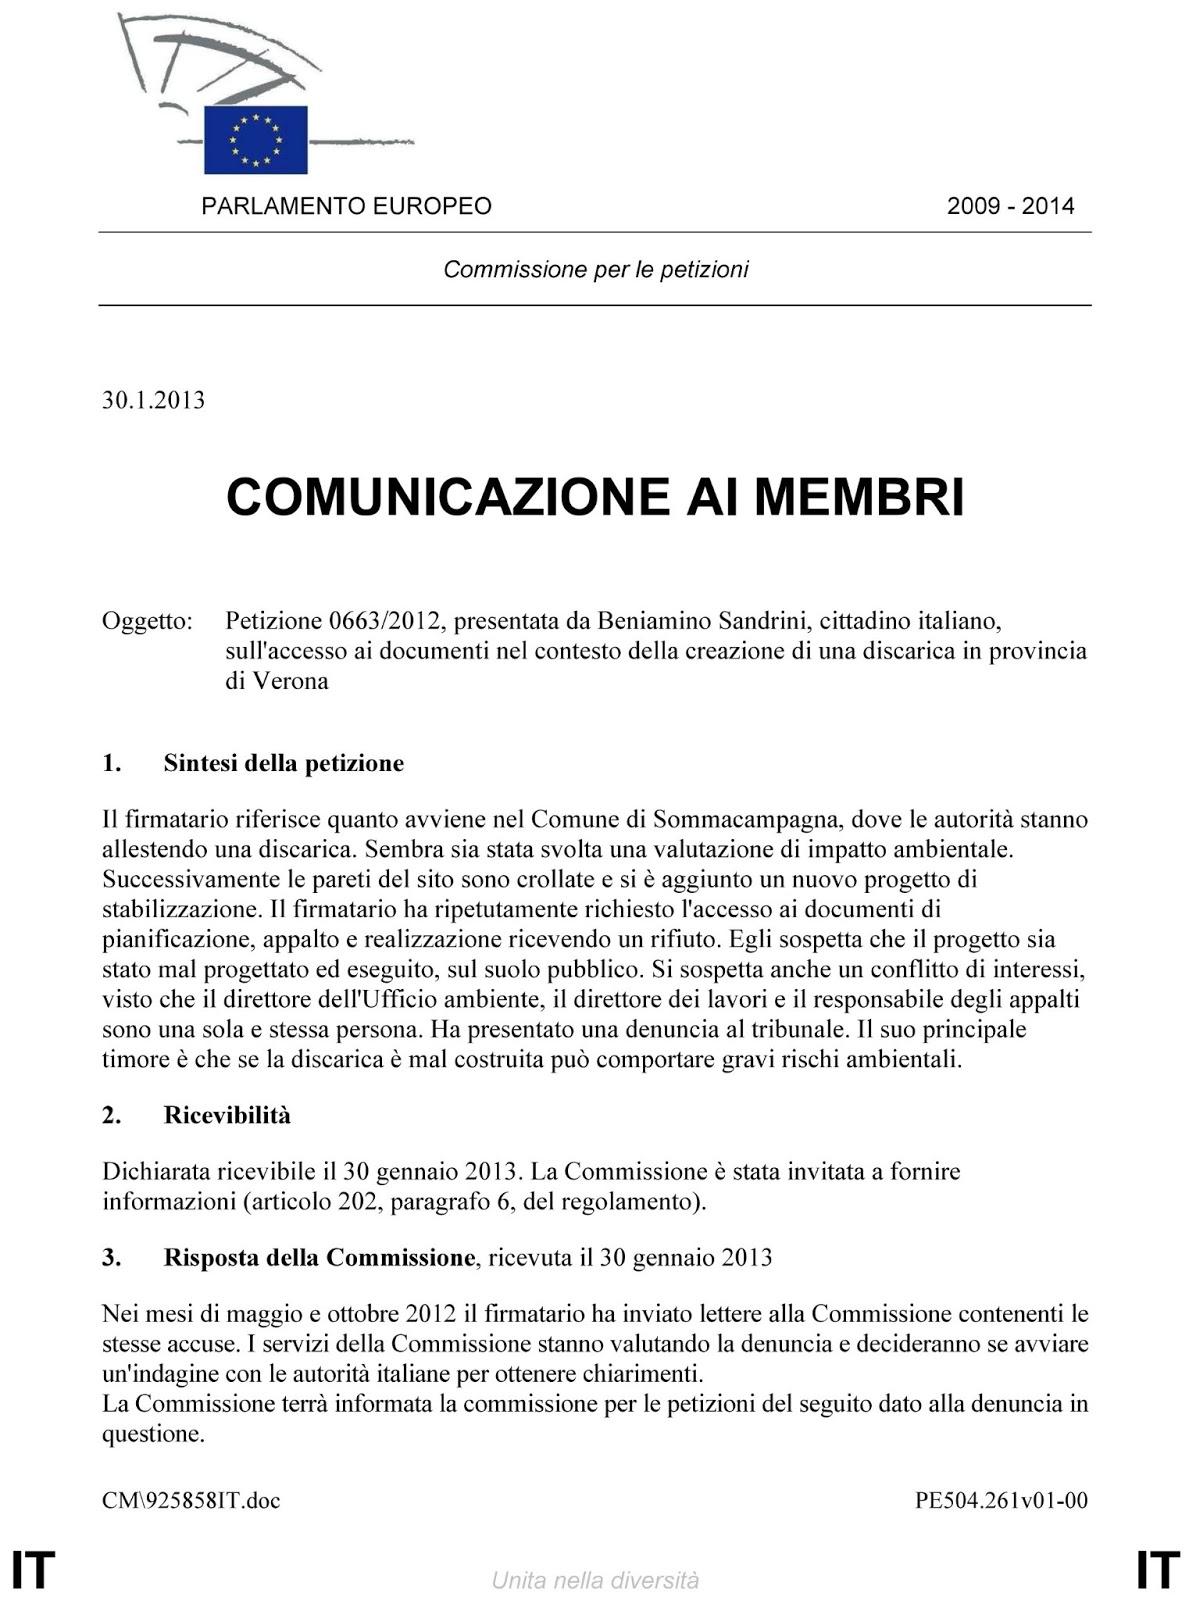 Parlamento europeo commissione per le petizioni for Dove si riunisce il parlamento italiano